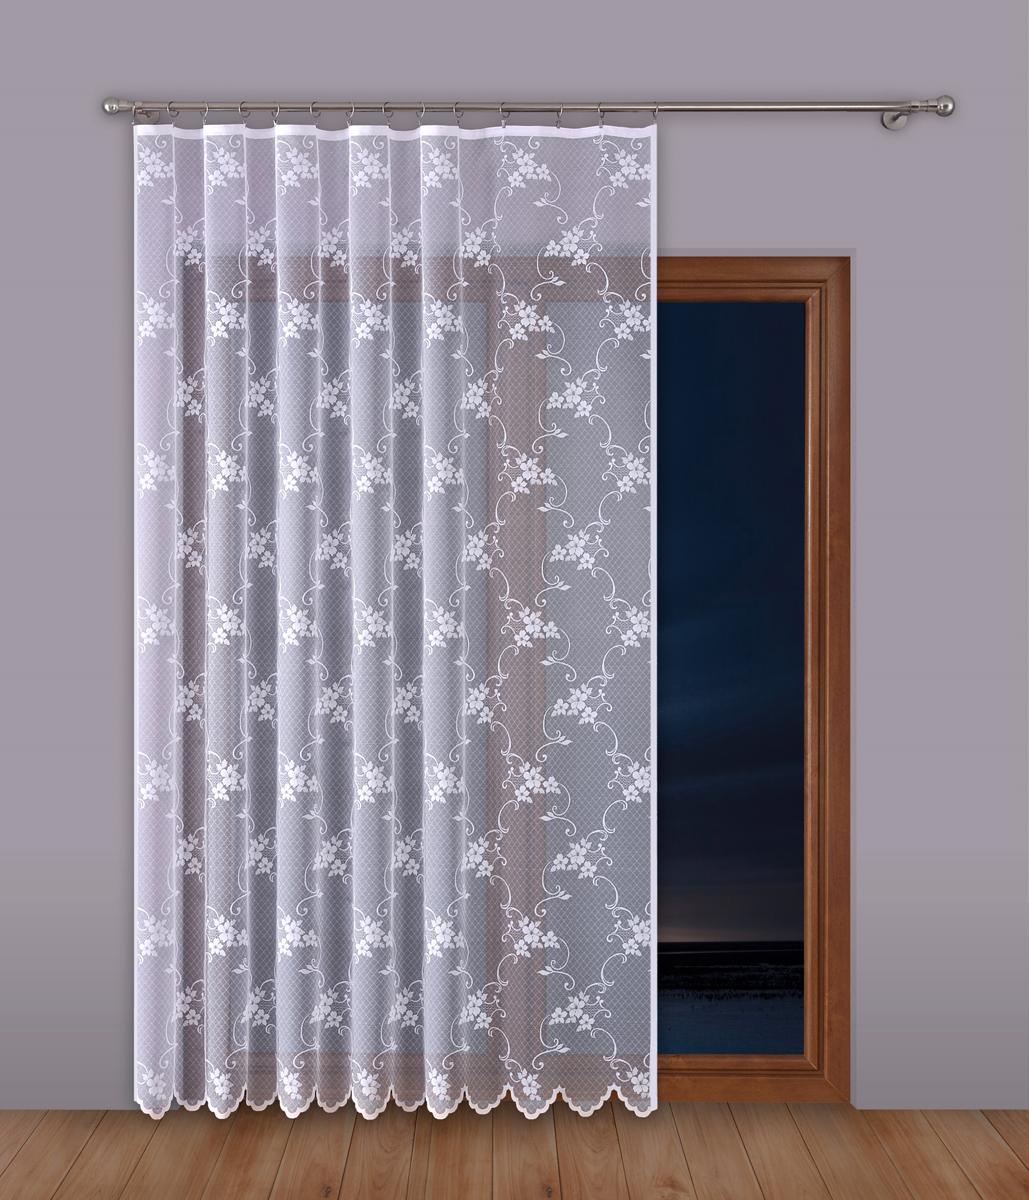 Тюль P Primavera Firany, на ленте, цвет: белый, высота 270 см, ширина 200 см. 11102821110282Тюль P Primavera Firany нежного цвета изготовлен из 100% полиэстера. Воздушная ткань привлечет к себе внимание и идеально оформит интерьер любого помещения. Полиэстер - вид ткани, состоящий из полиэфирных волокон. Ткани из полиэстера легкие, прочные и износостойкие. Такие изделия не требуют специального ухода, не пылятся и почти не мнутся. Крепление к карнизу осуществляется при помощи вшитой шторной ленты.